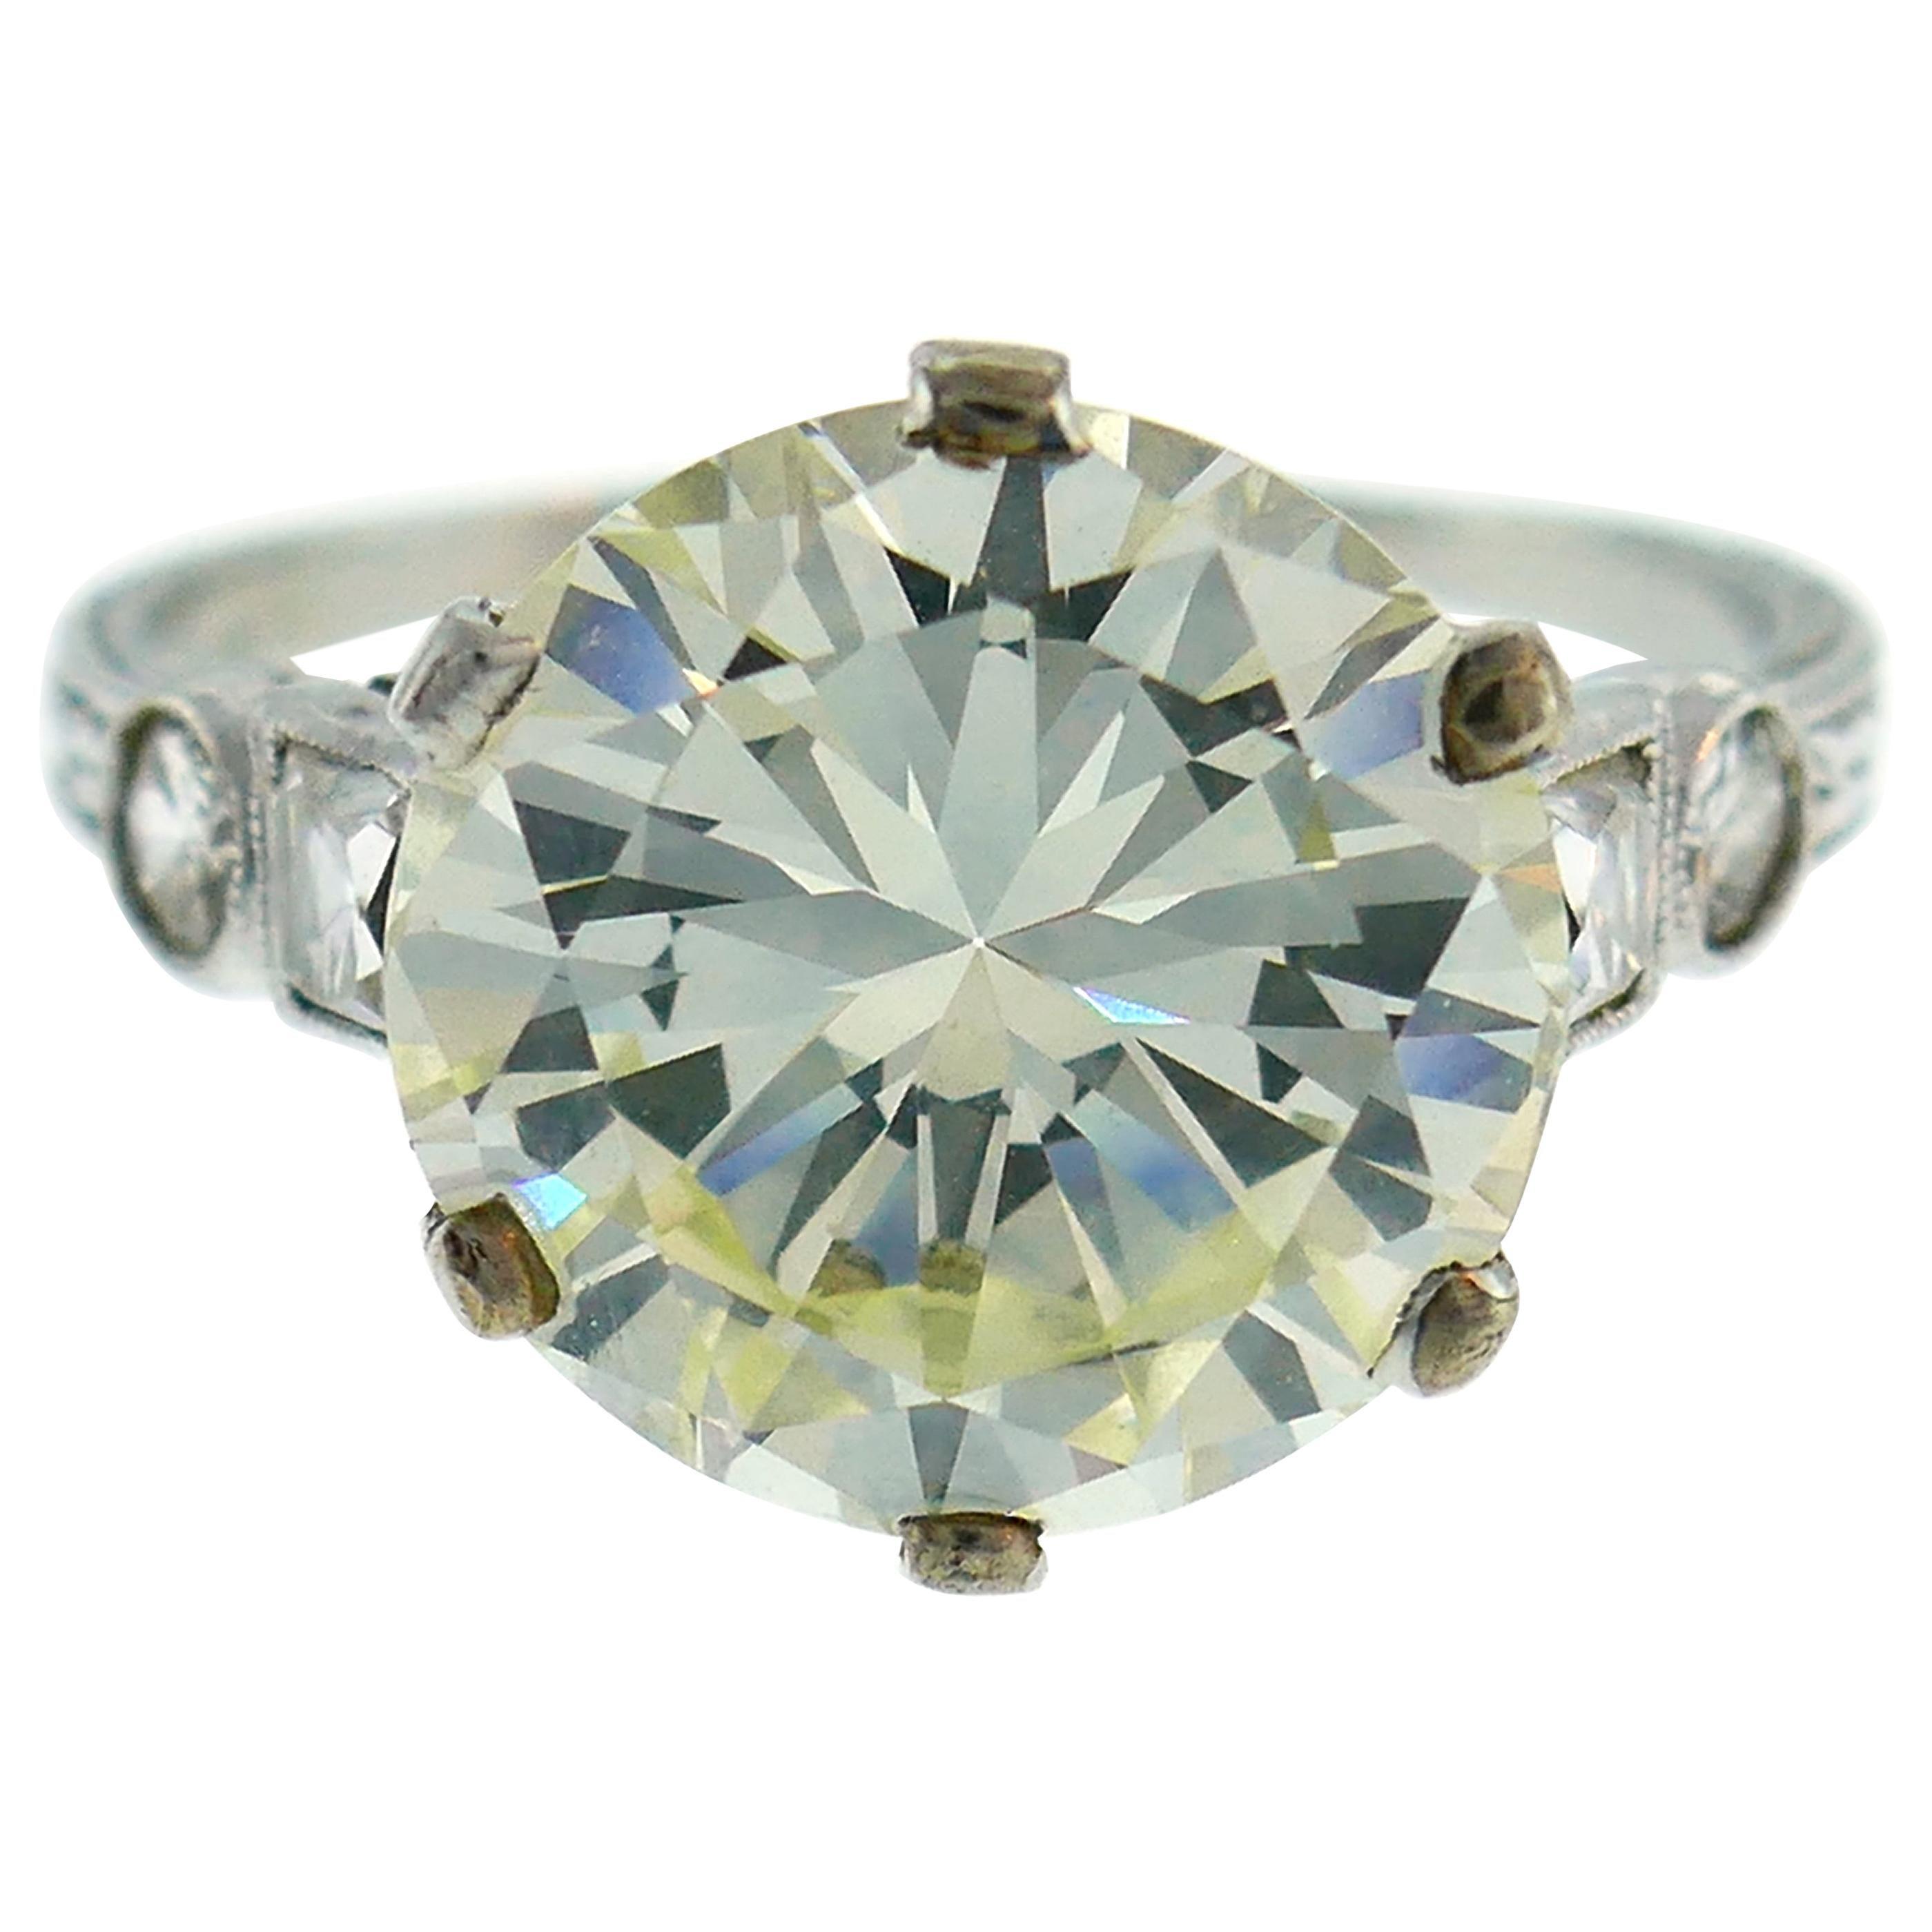 Art Deco Diamond Platinum Solitaire Ring, 5.26 Carat Old European Cut